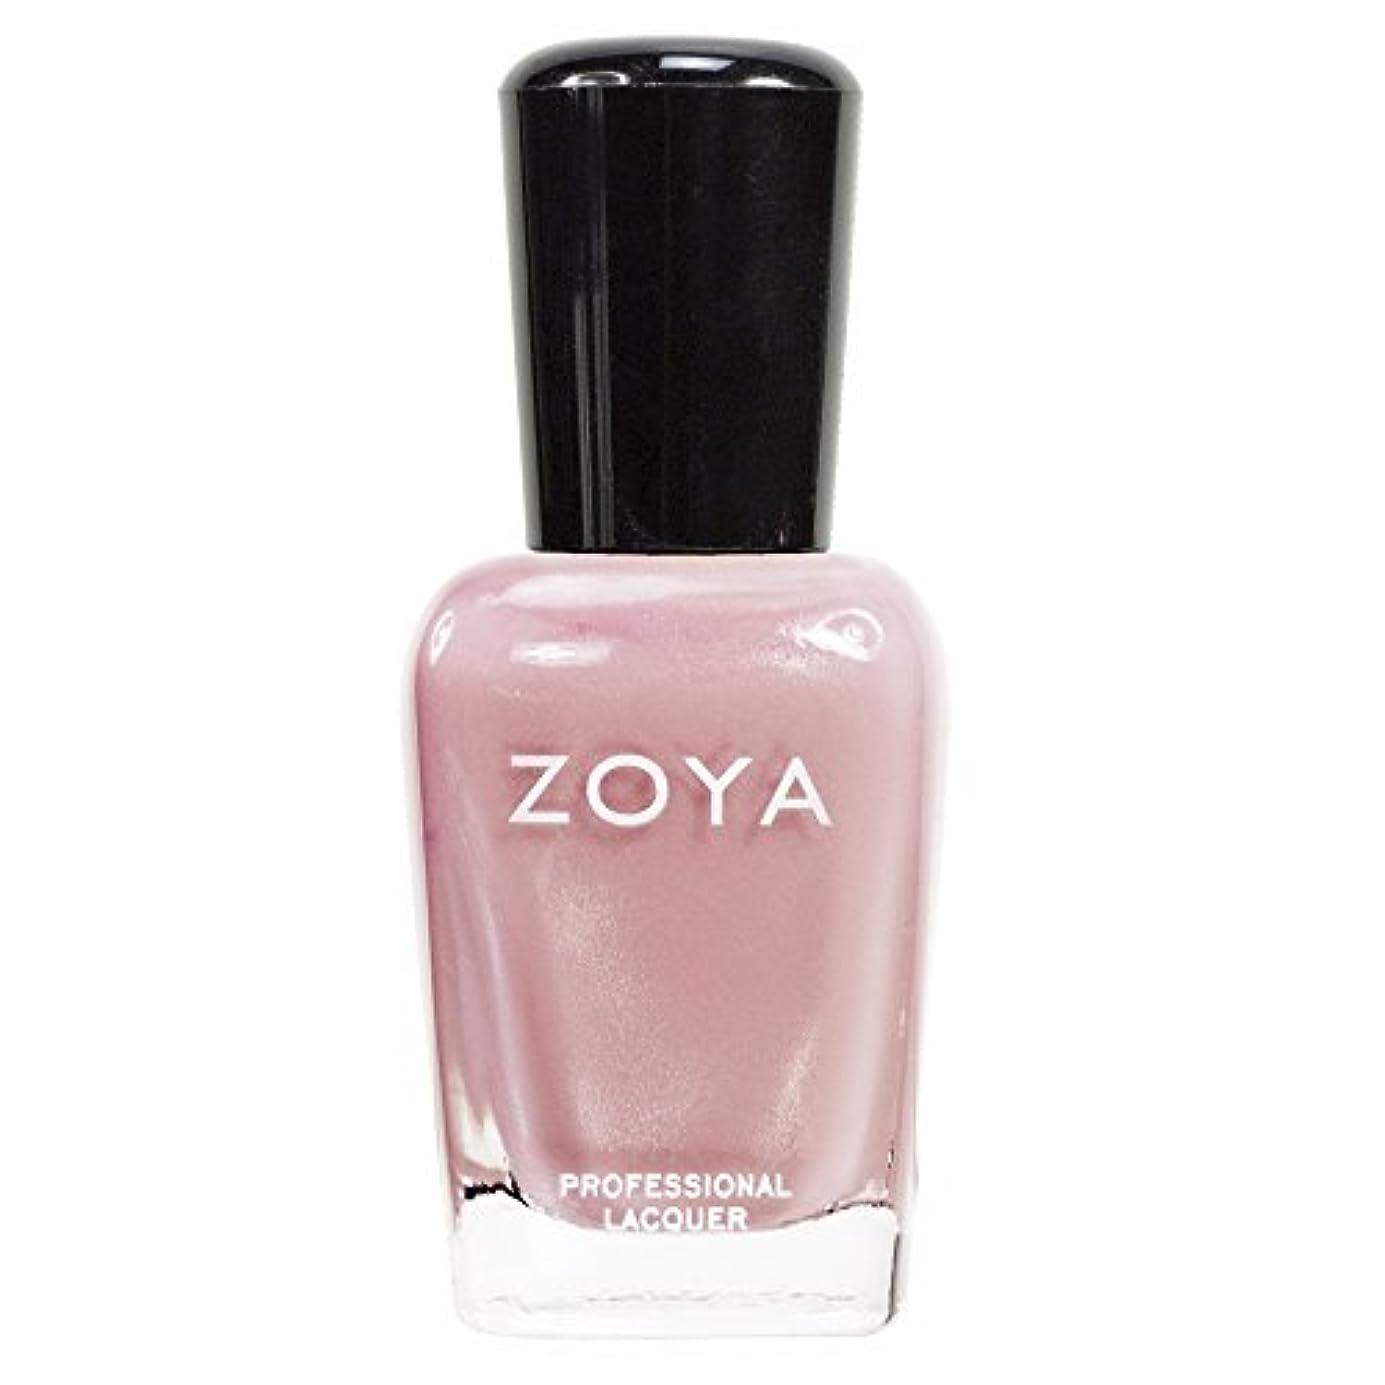 胚芽資格散歩ZOYA ゾーヤ ネイルカラーZP351 SALLY サリー 15ml ほんのり色づくピンク シアー?パール/メタリック 爪にやさしいネイルラッカーマニキュア